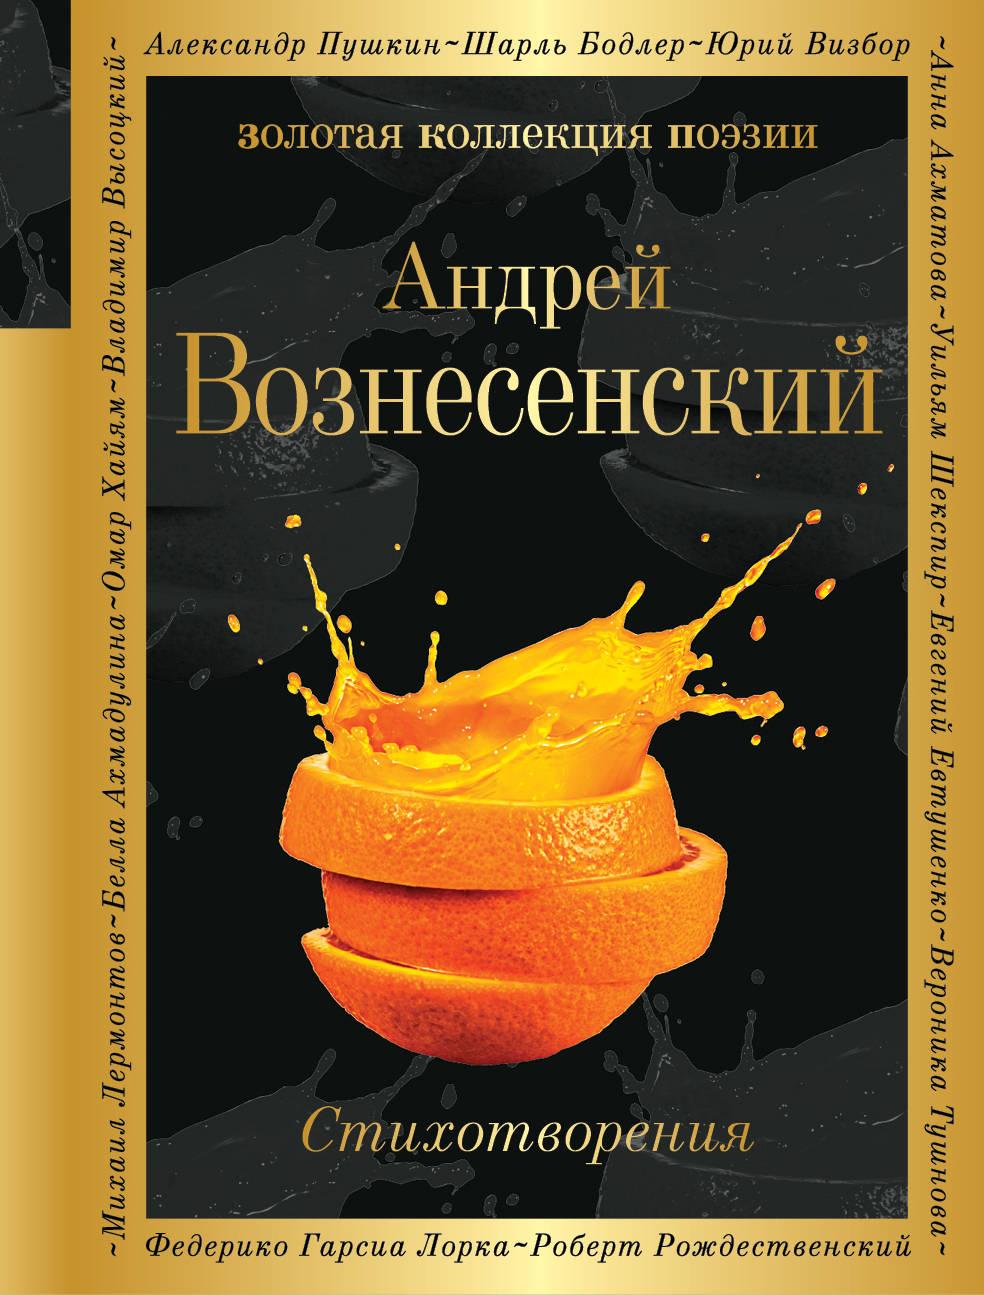 Вознесенский Андрей Андреевич Андрей Вознесенский. Стихотворения